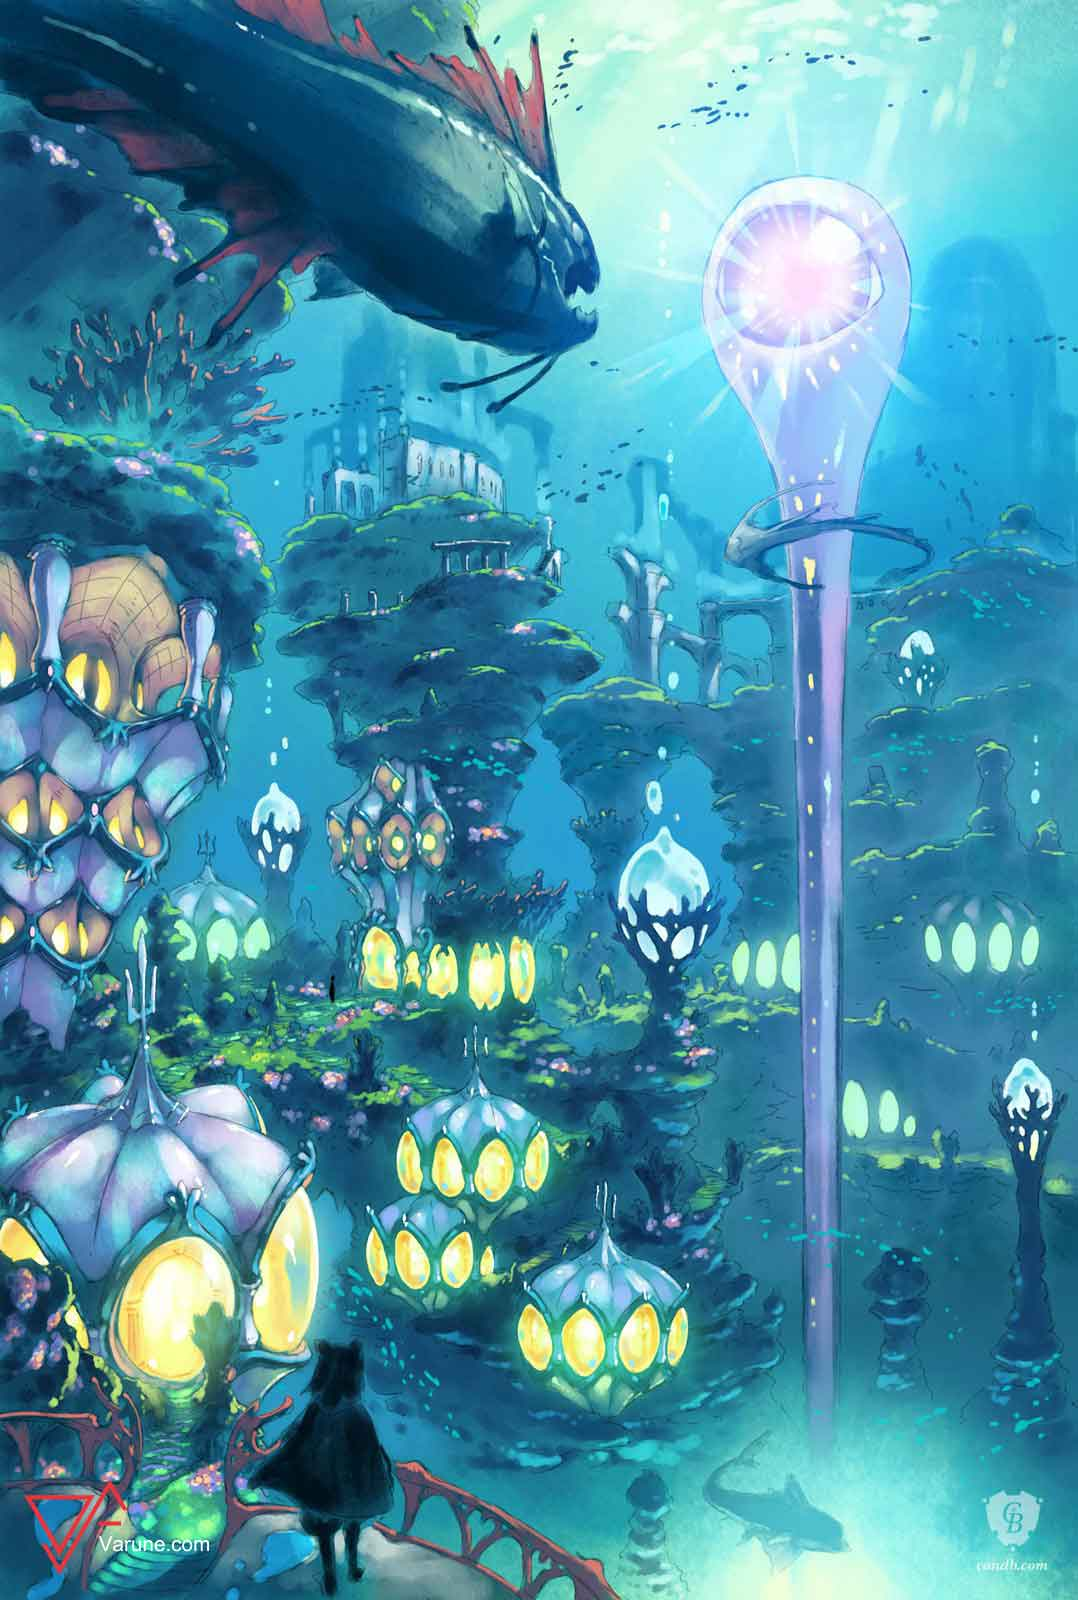 تصاویری زیبا و هنری از بازی NI NO KUNI II ، شاهکار استودیو جیبلی